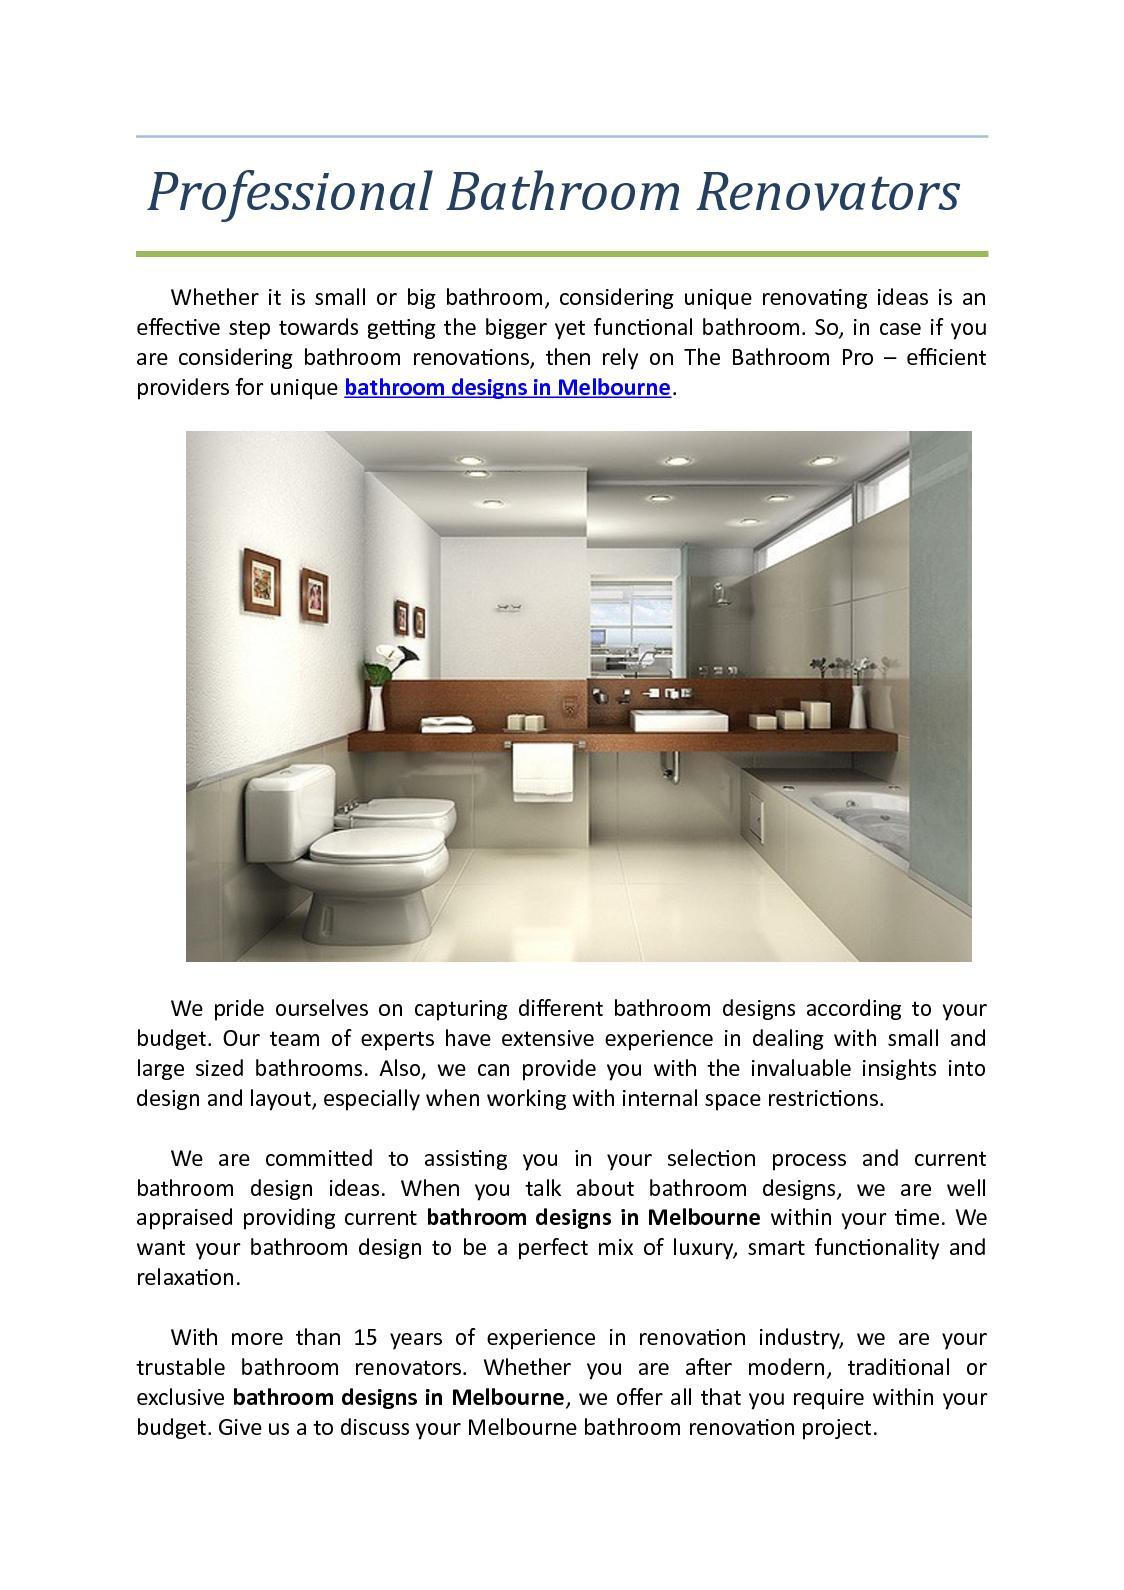 Calaméo - Professional Bathroom Renovators